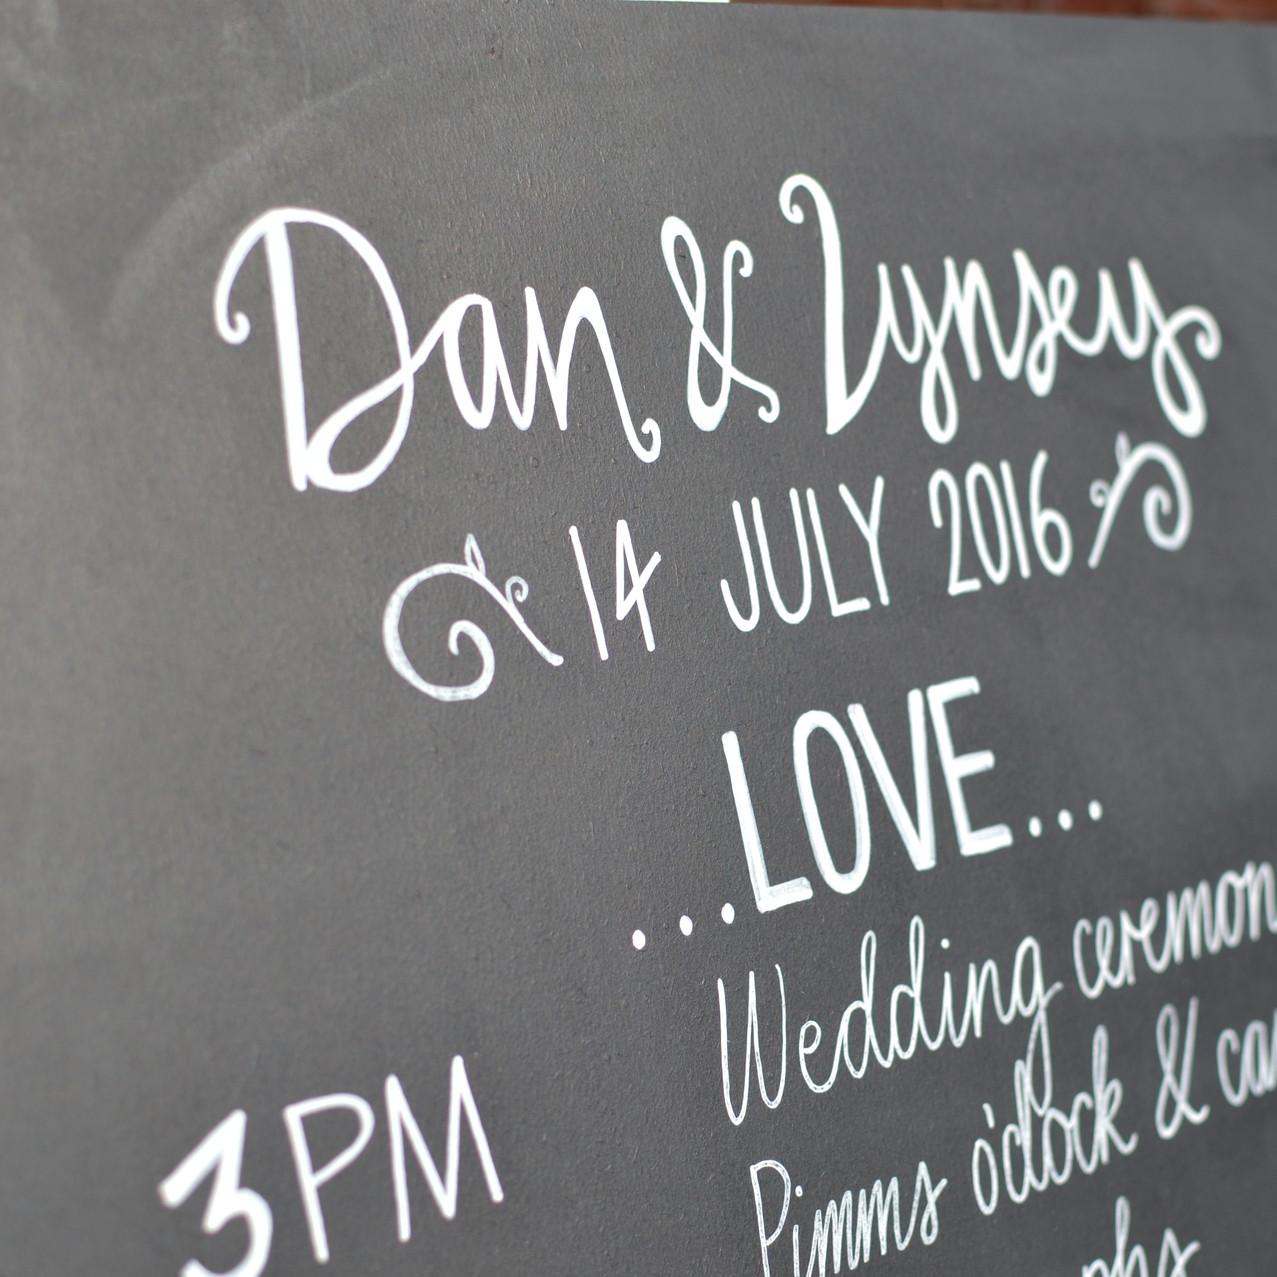 Dan & Lynsey Chalkboards - July 2016 (24)